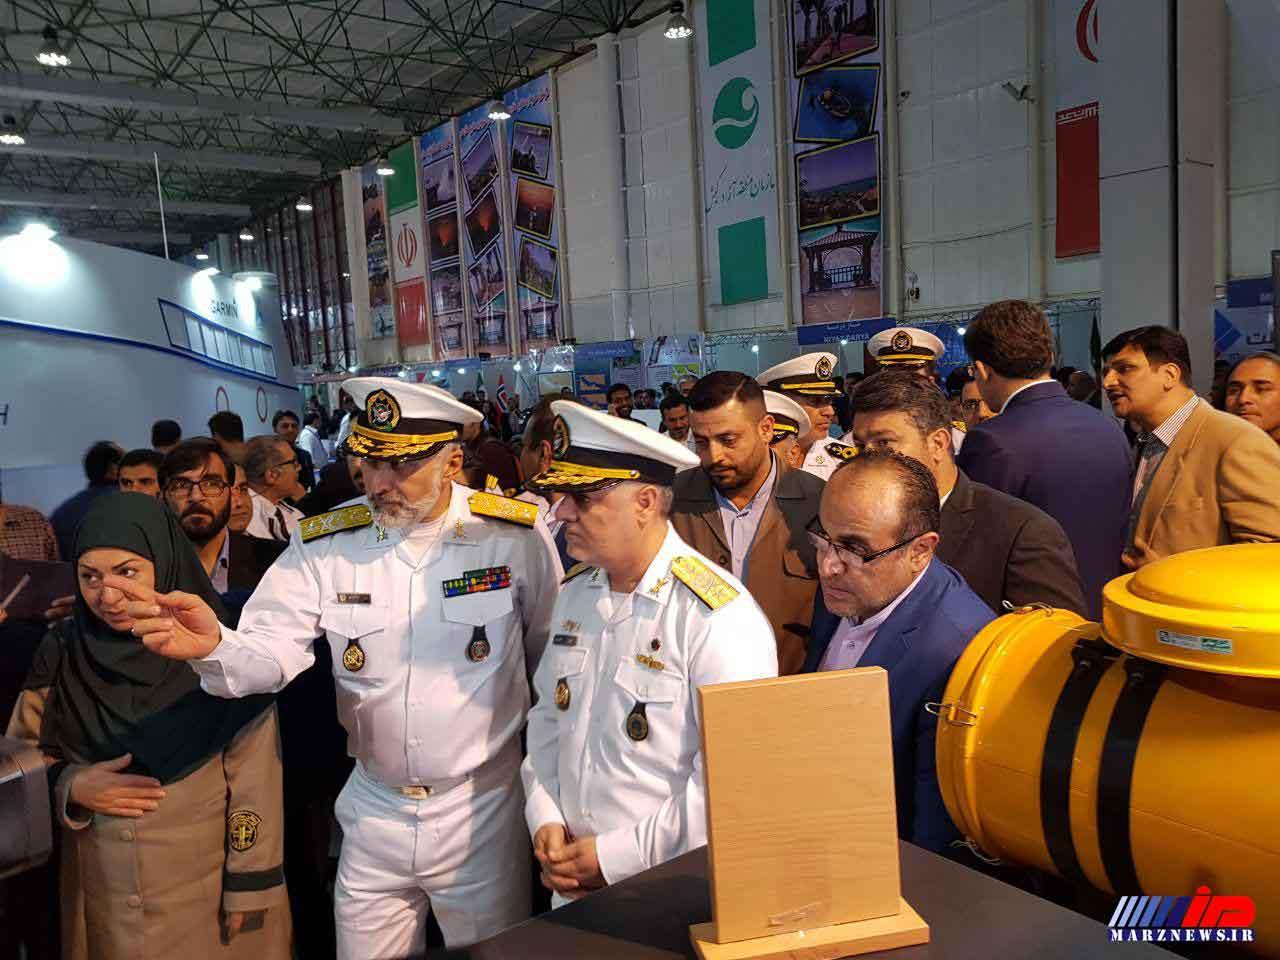 نوزدهمین نمایشگاه بین المللی صنایع دریایی و دریانوردی در کیش